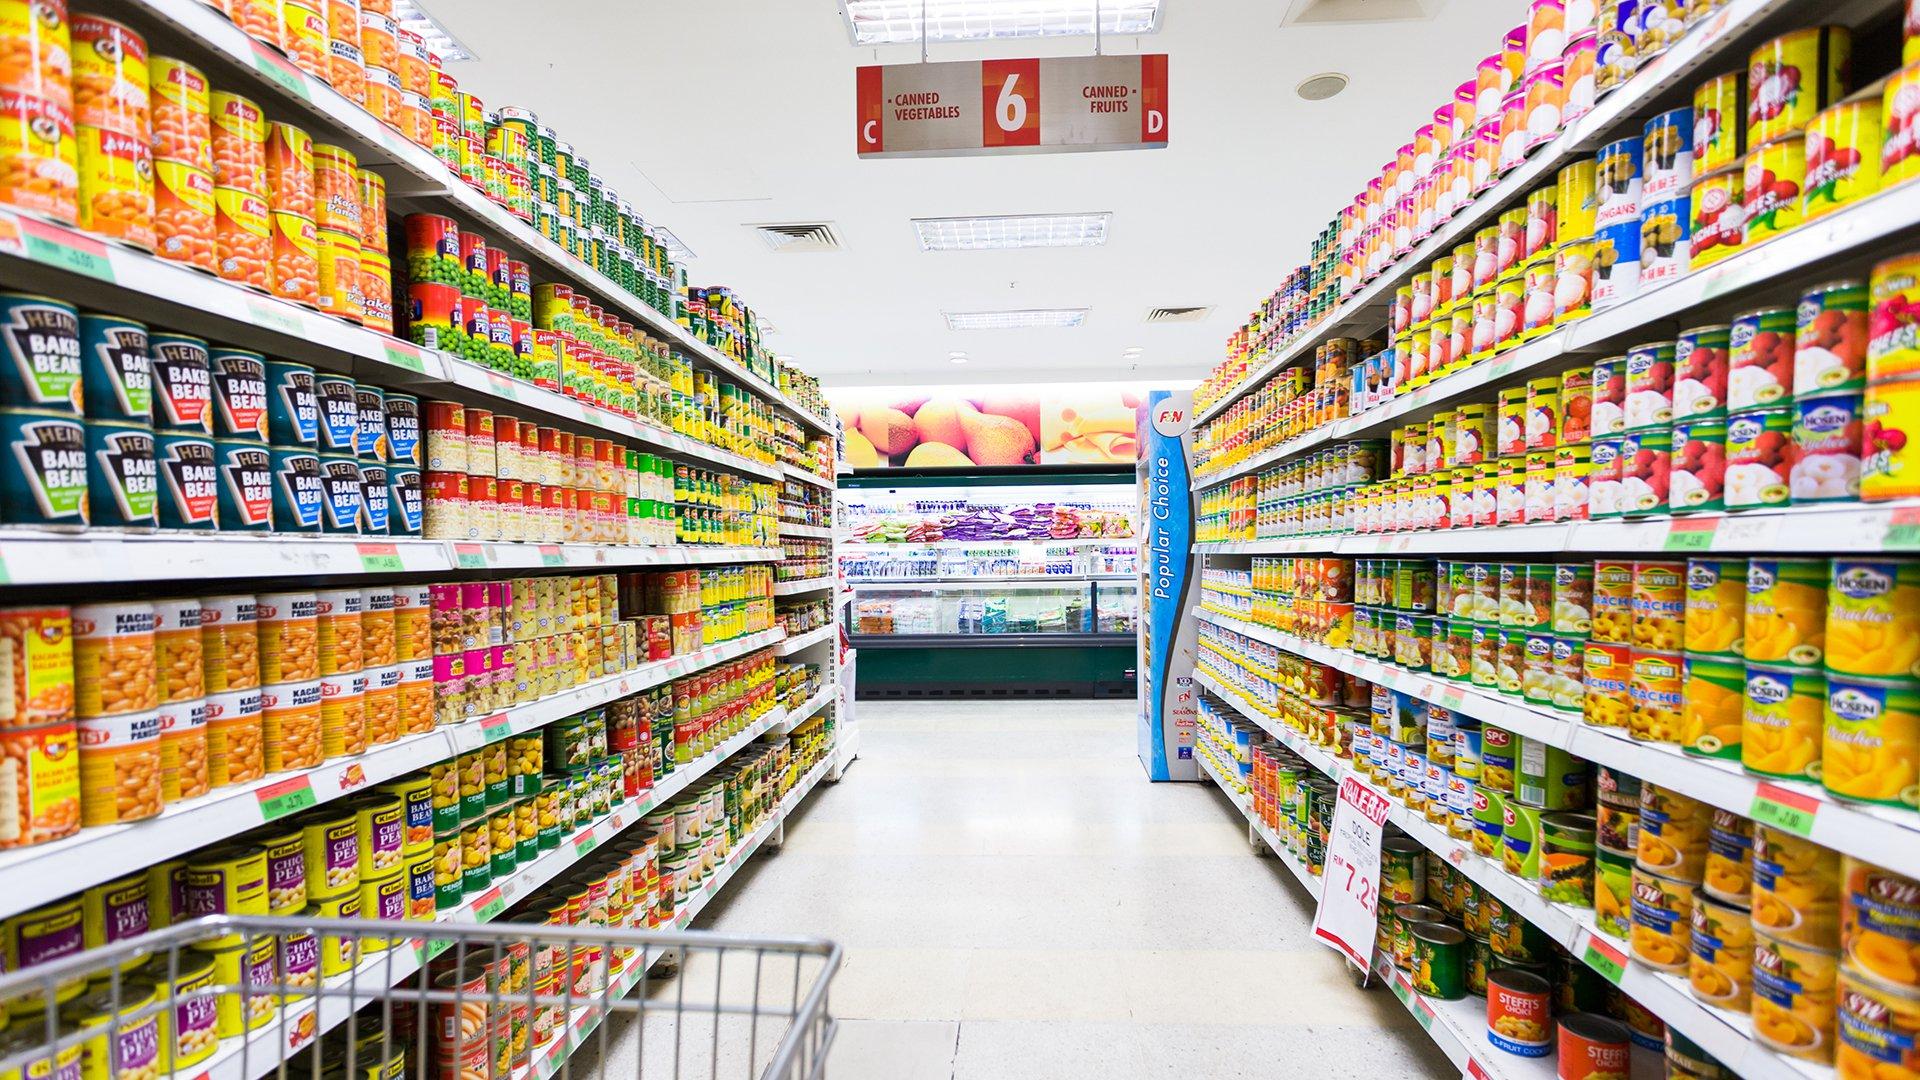 Cách bố trí cửa hàng tạp hóa, siêu thị bắt mắt hút khách hàng